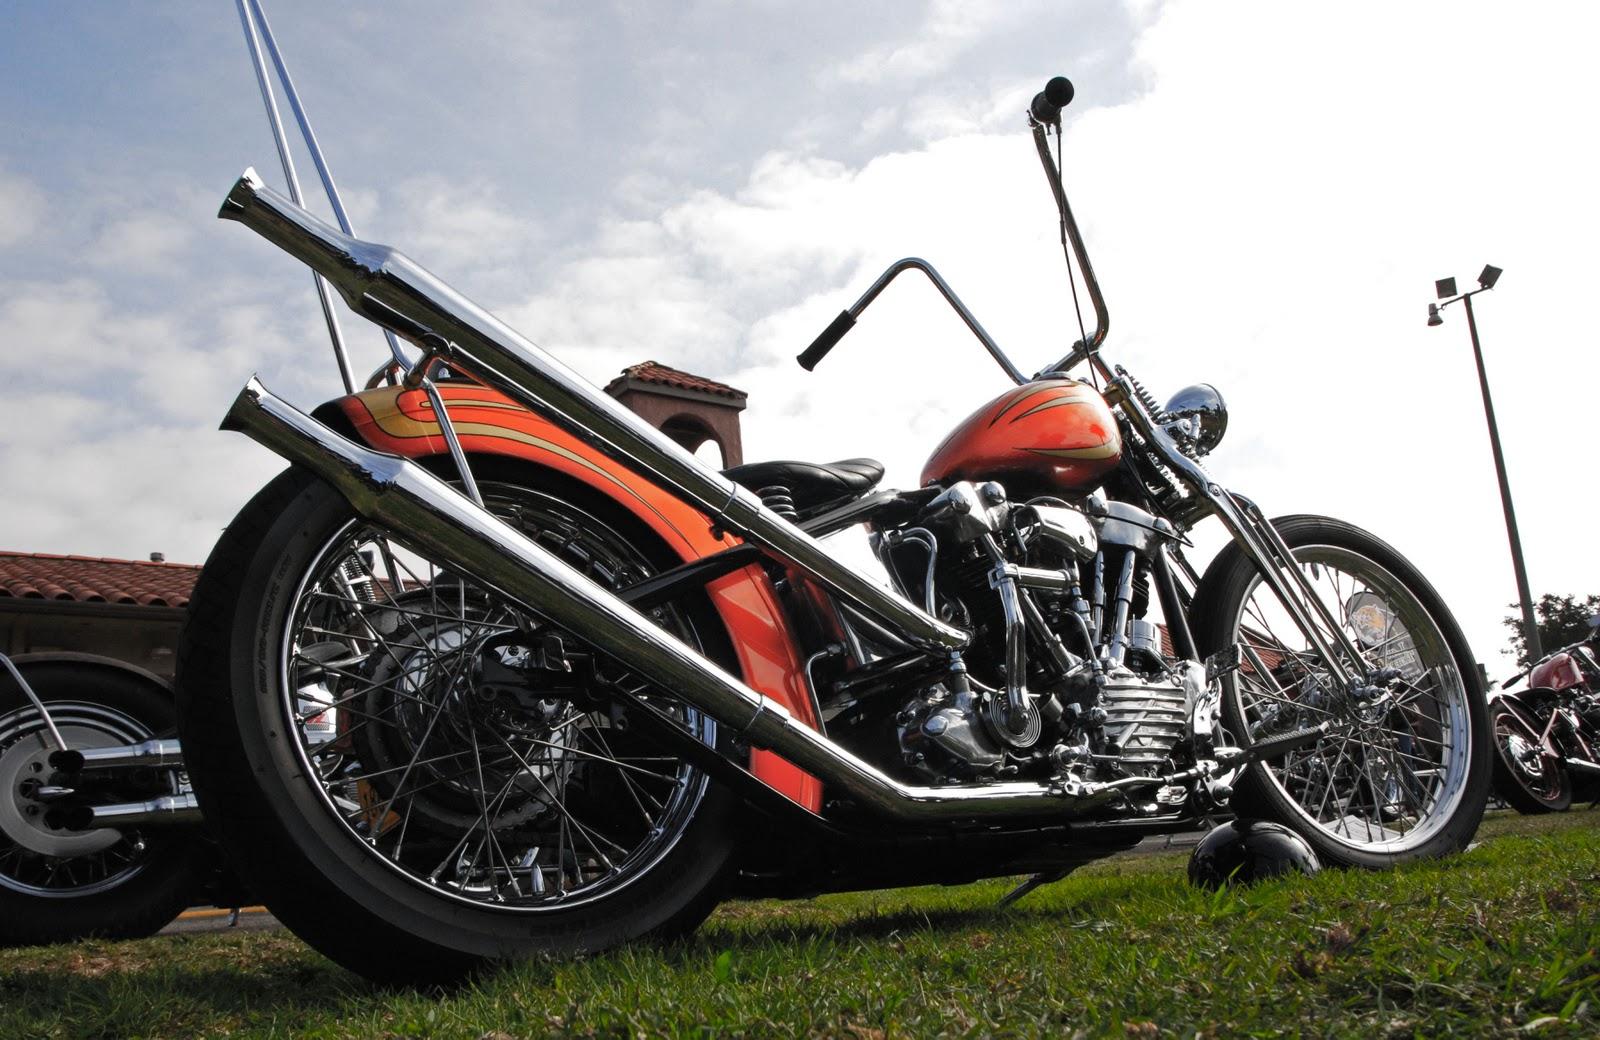 Blam Photo David Mann Chopper Fest